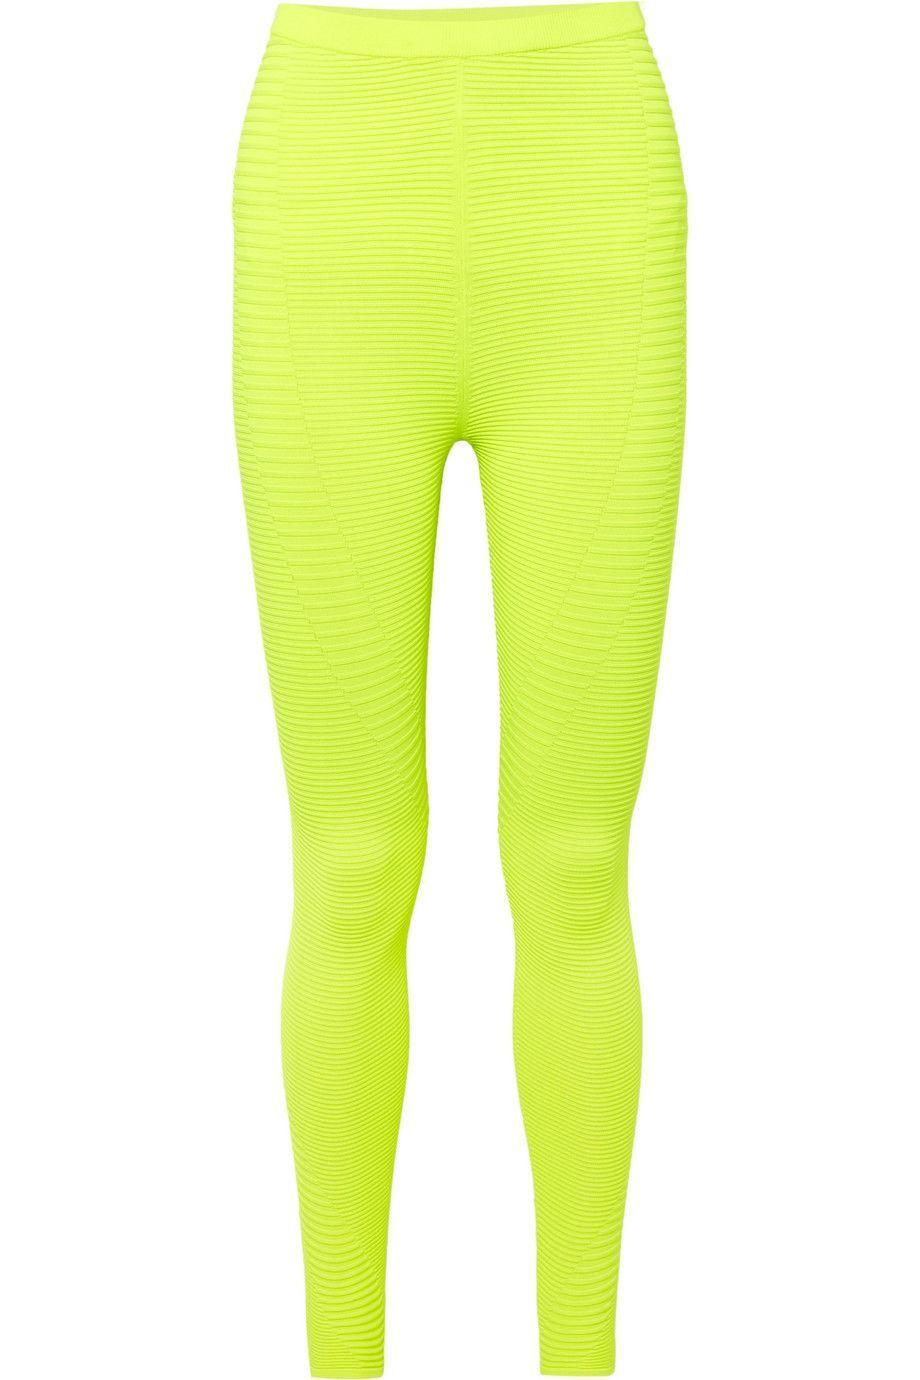 #PopbelaOOTD: Ke Gym juga Harus Fashionable, Setuju?!